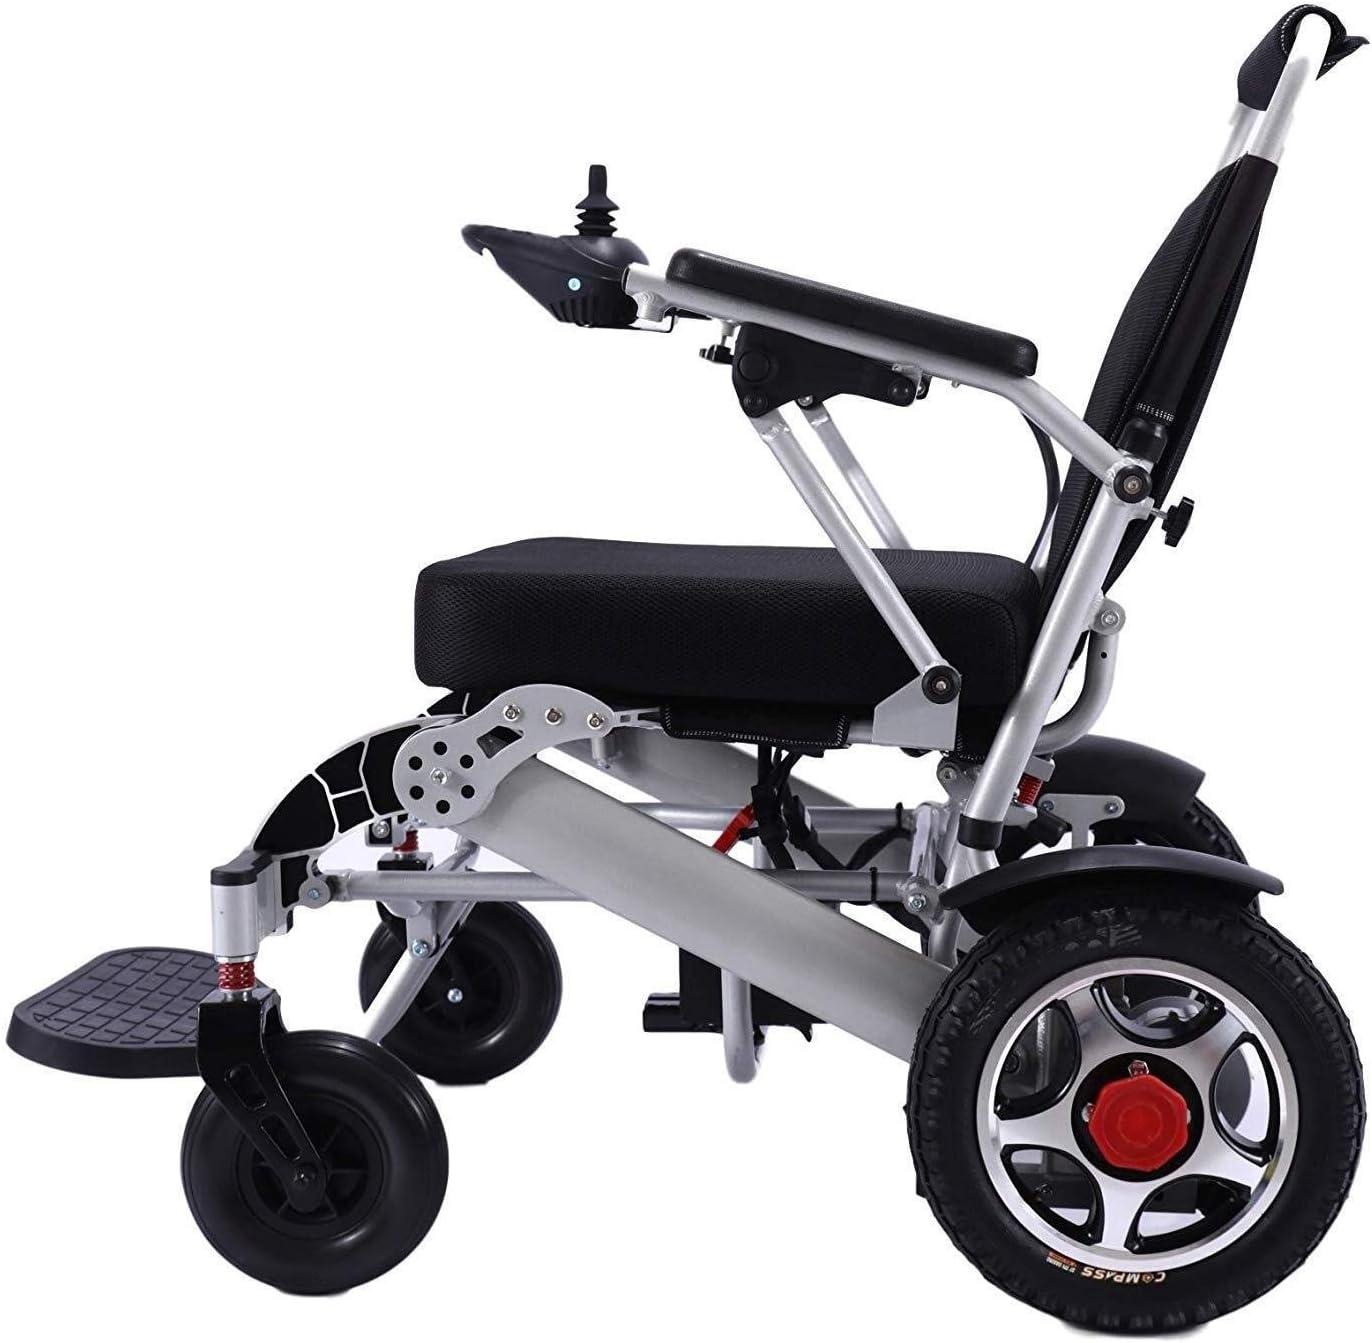 Silla de ruedas eléctrica, ligero plegable transportar la energía de ruedas, portátil motorizado de alimentación ayuda a la movilidad Vespa, Registrado en la FDA (plata Anchura del asiento 19